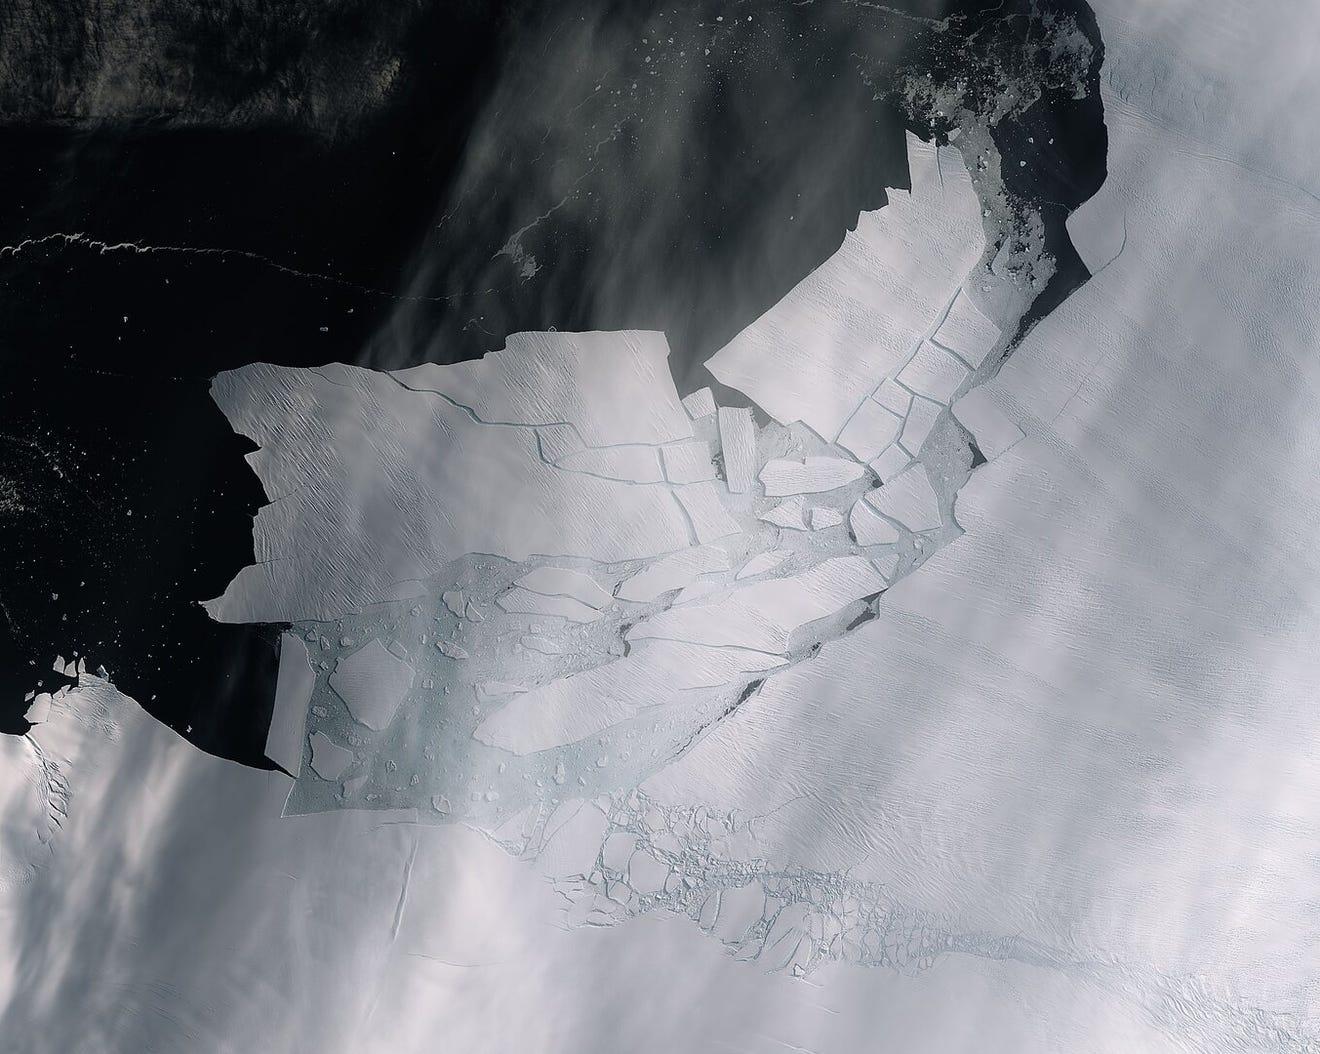 Antarctica glacier juste brokee off